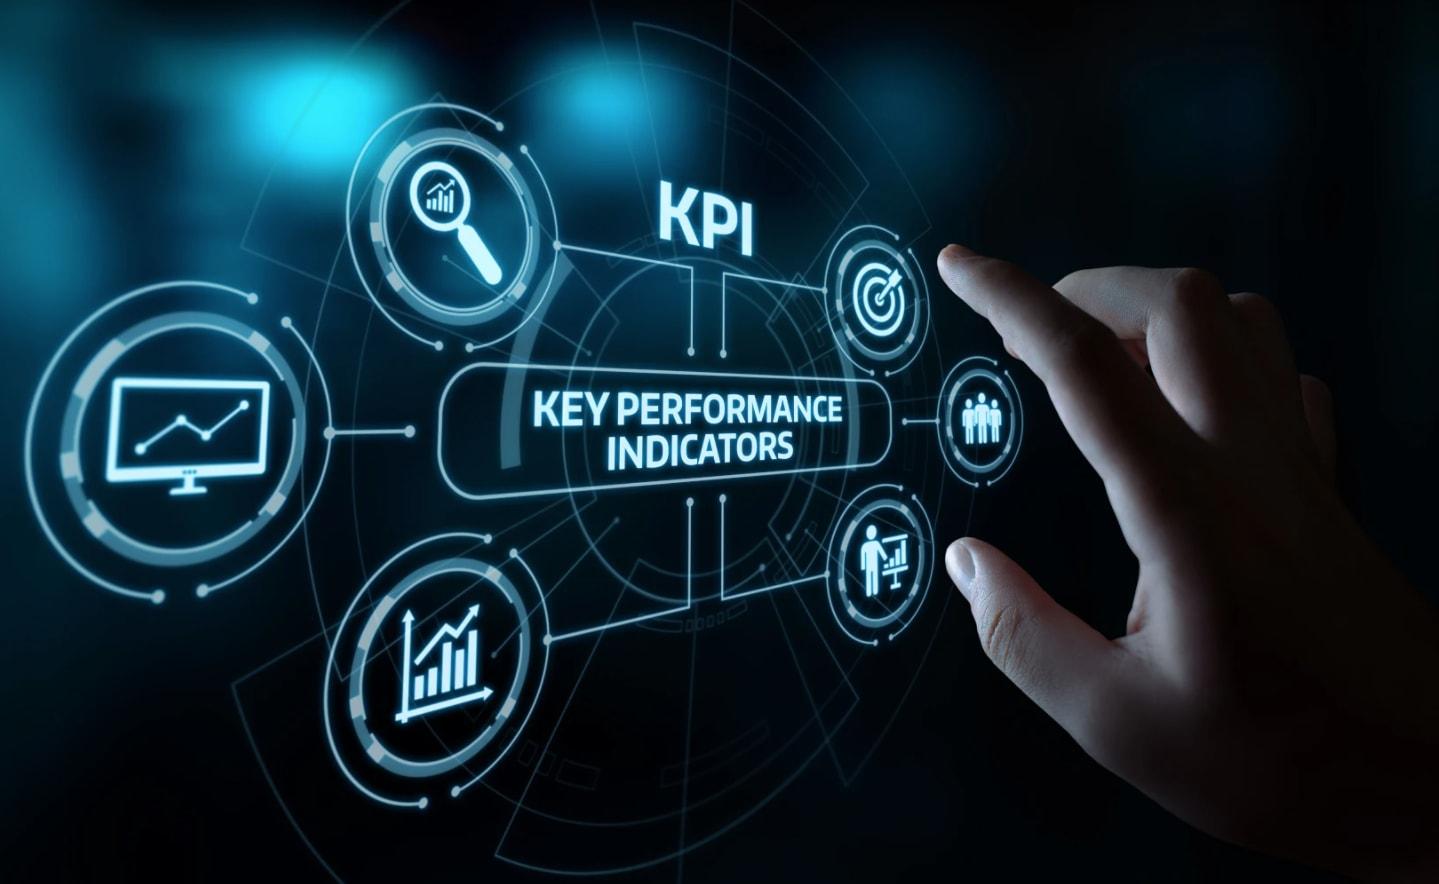 elements of KPI